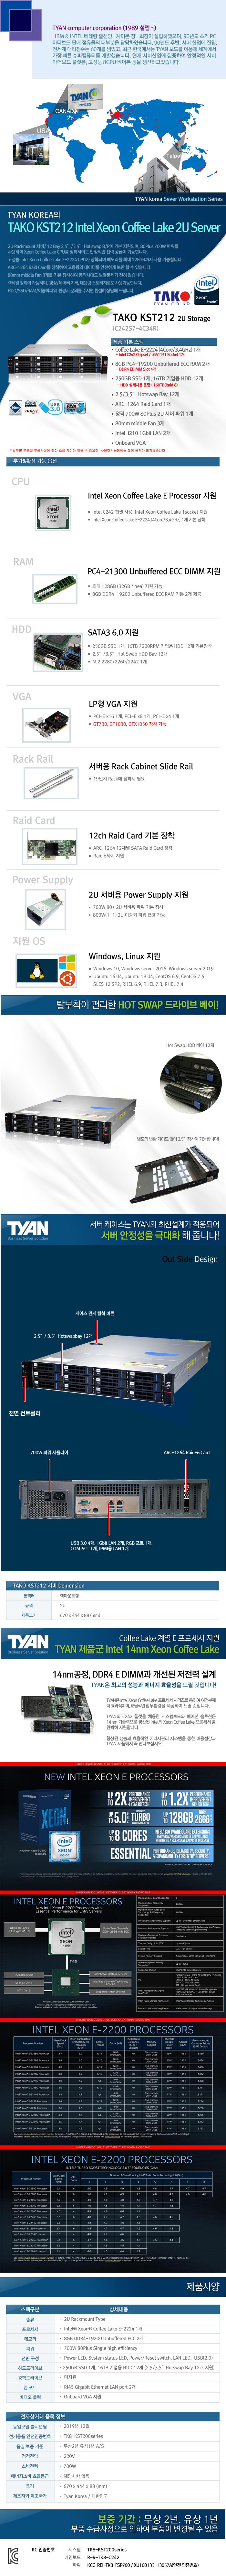 TYAN TAKO-KST212-(C242S7-4C34R) (16GB, SSD 250GB + 160TB)